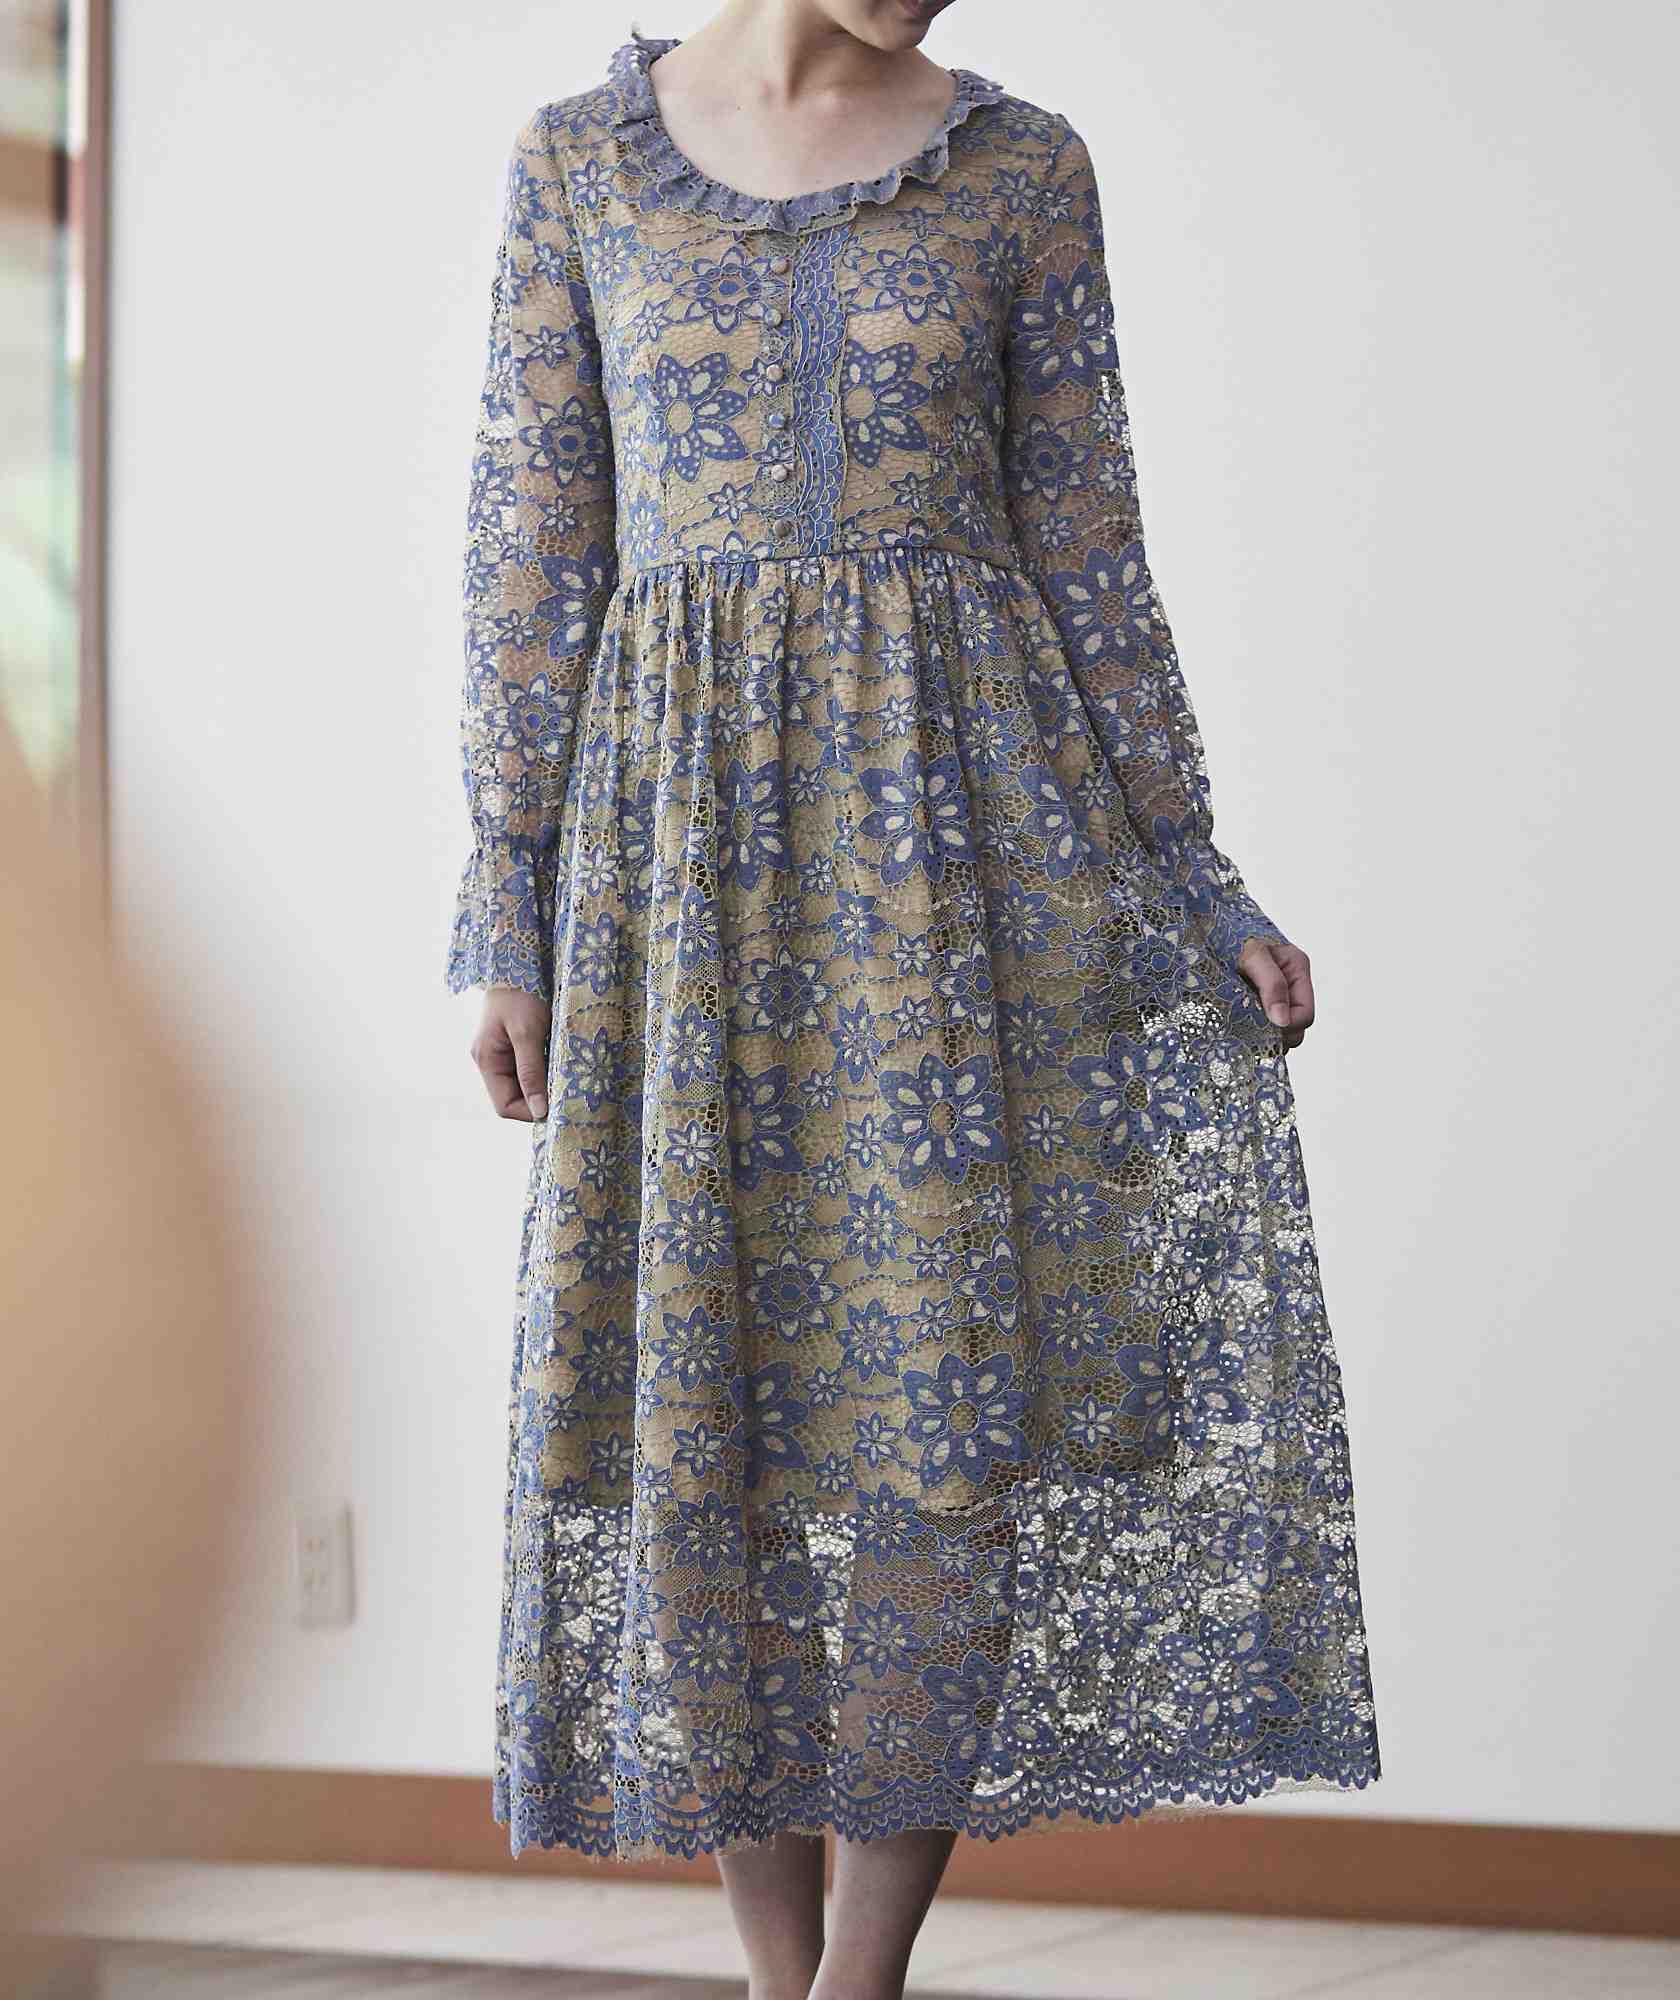 ブルー×ベージュフルレーススリーブミディアムドレス-ブルー-L